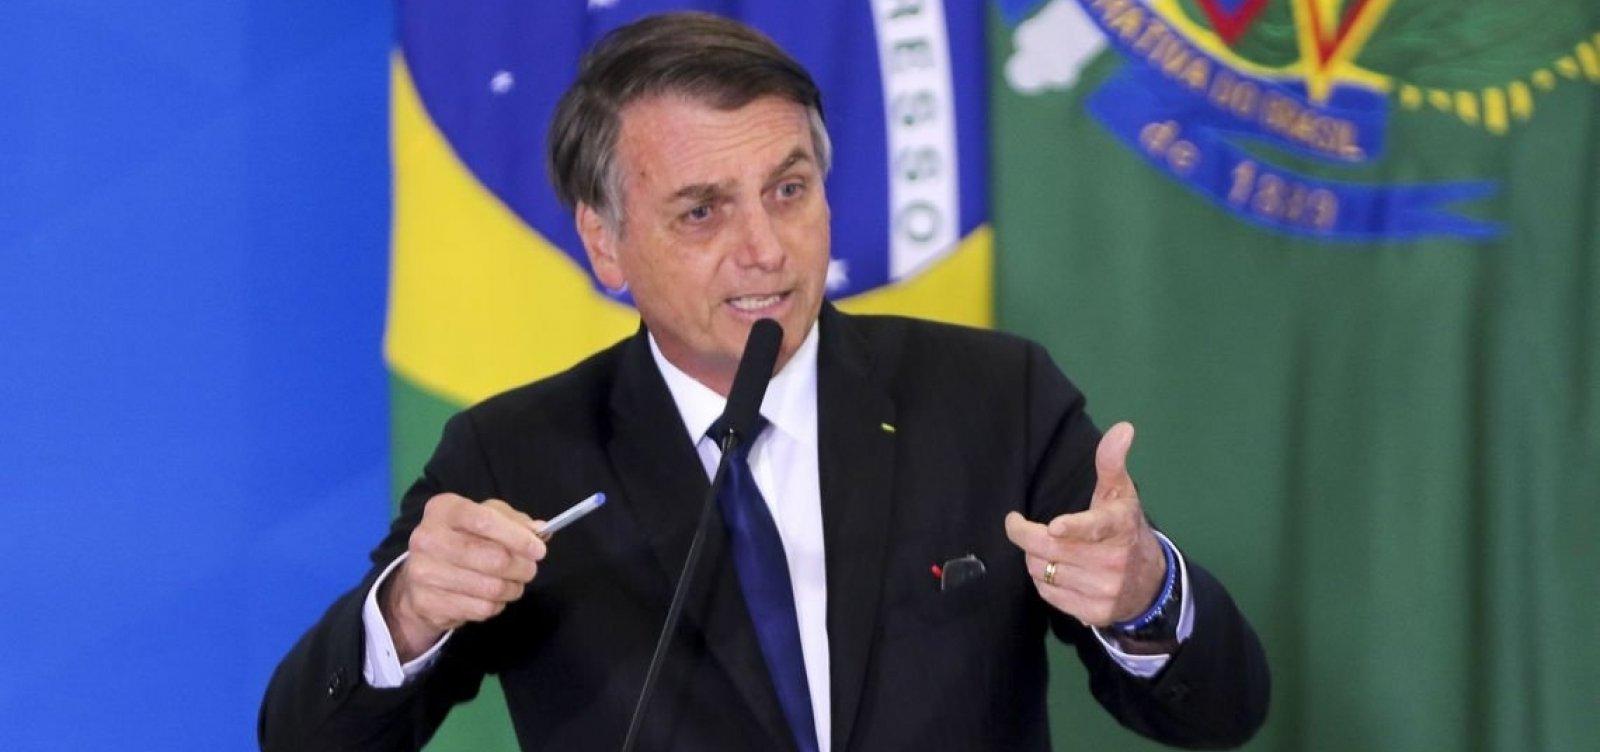 'Problemas? Sim, talvez tenha um tsunami na semana que vem', diz Bolsonaro sobre governo